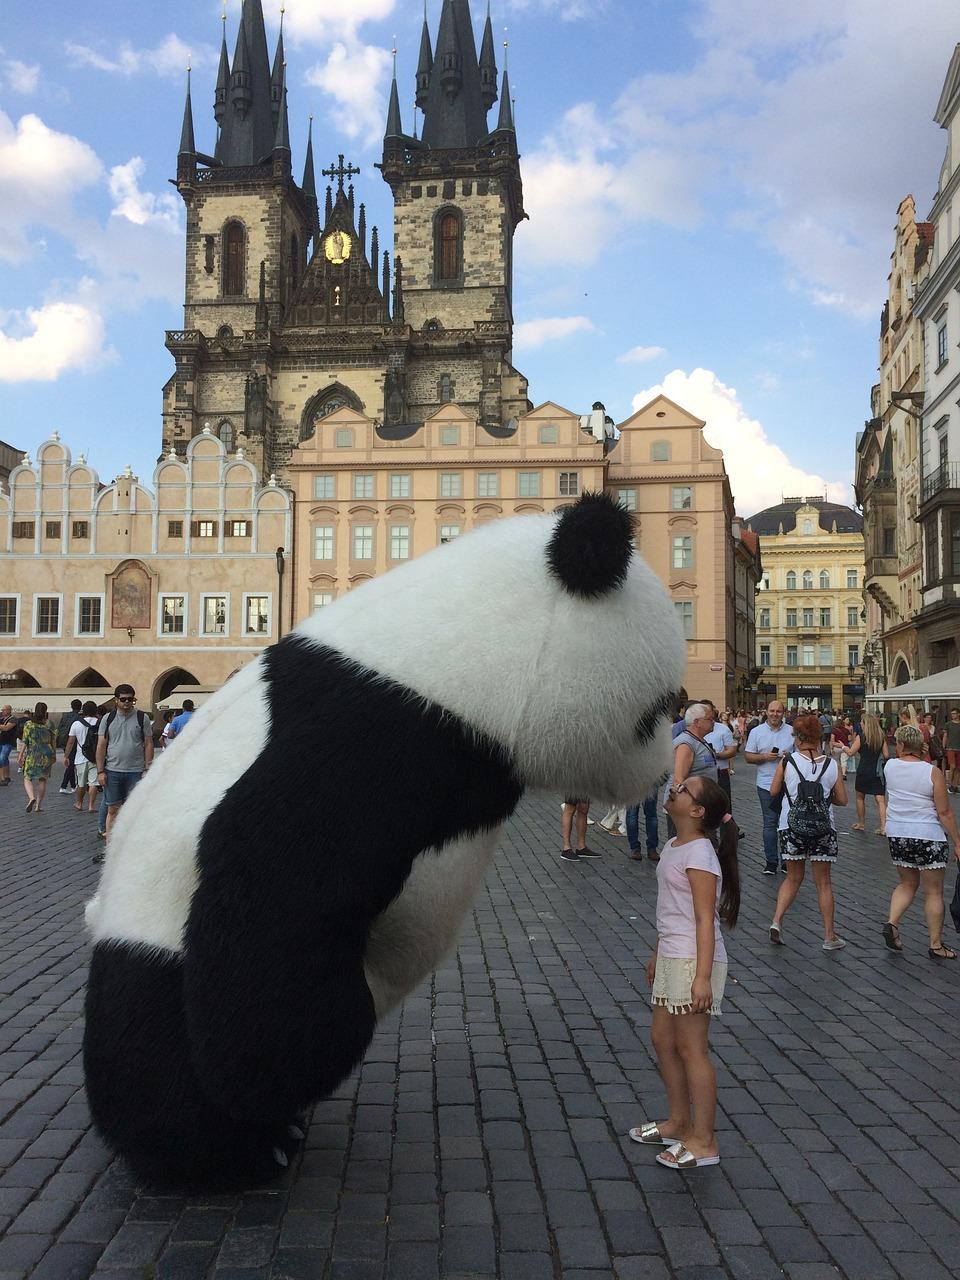 Turistka s pandou na Staroměstském náměstí. Zdroj: Pixabay